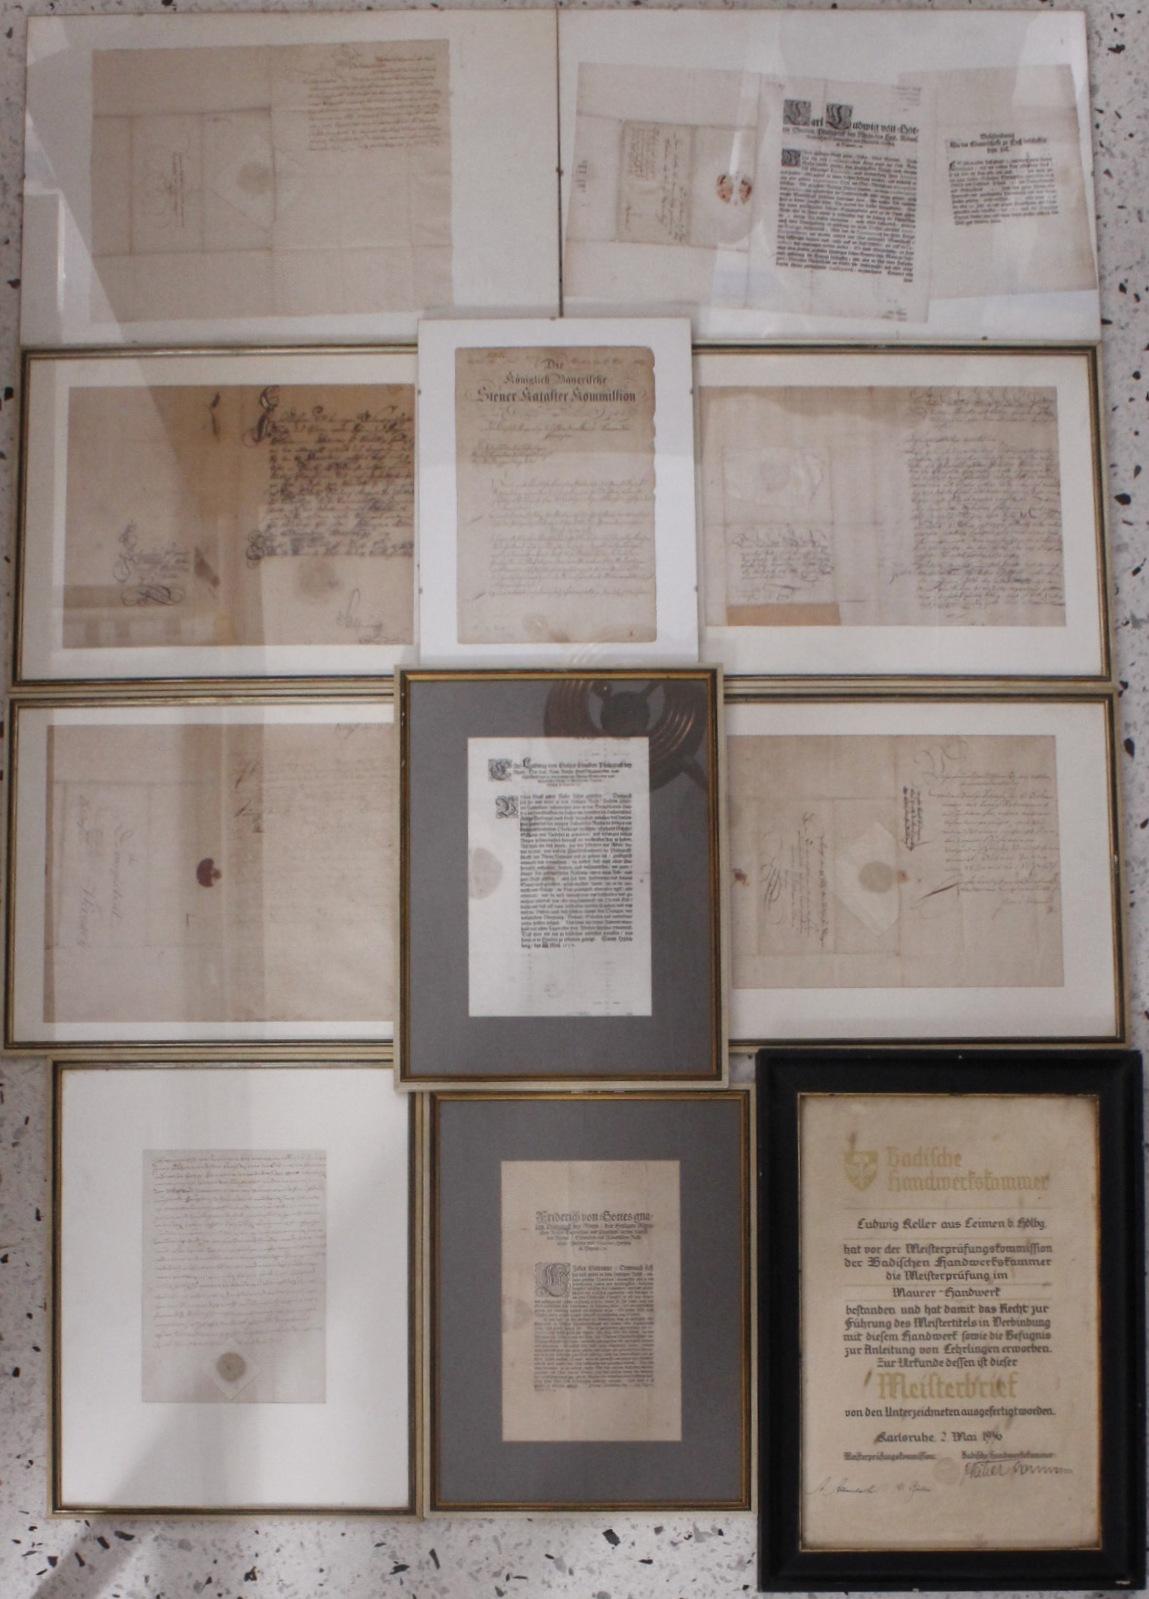 Samlung Altbriefe, Vorphilatelie, Meisterbrief und Dokumente